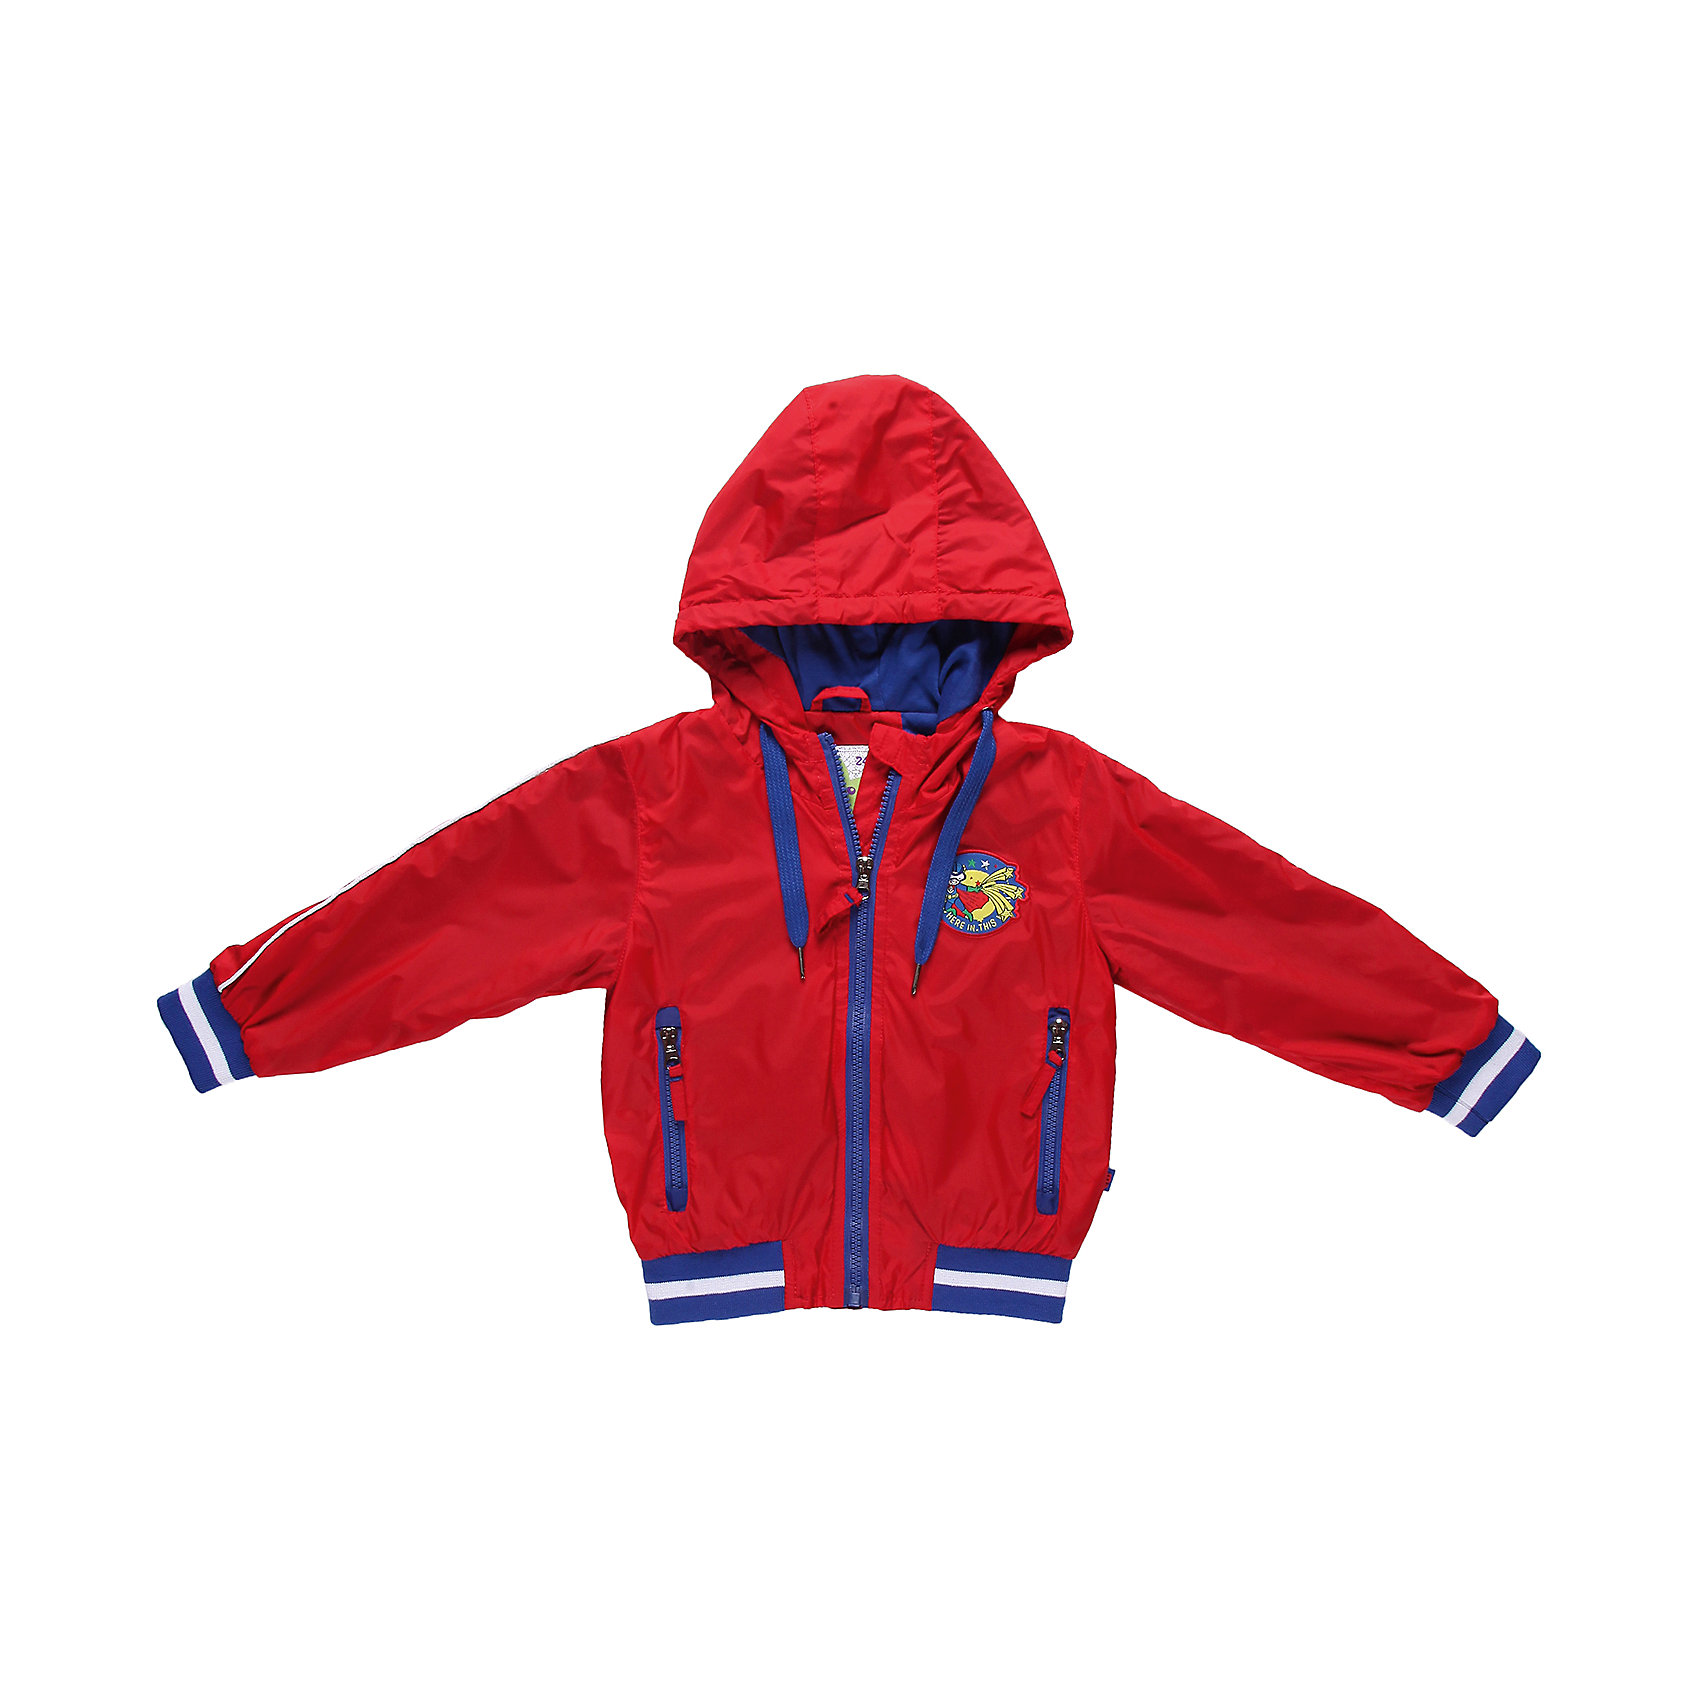 Ветровка для мальчика Sweet BerryВерхняя одежда<br>Ветровка на хлопковой трикотажной подкладке.  Украшенная шевроном.<br>Состав:<br>Верх: 100% нейлон, Подкладка: 65%хлопок, 35% полиэстер<br><br>Ширина мм: 356<br>Глубина мм: 10<br>Высота мм: 245<br>Вес г: 519<br>Цвет: красный<br>Возраст от месяцев: 24<br>Возраст до месяцев: 36<br>Пол: Мужской<br>Возраст: Детский<br>Размер: 98,80,92,86<br>SKU: 4522024